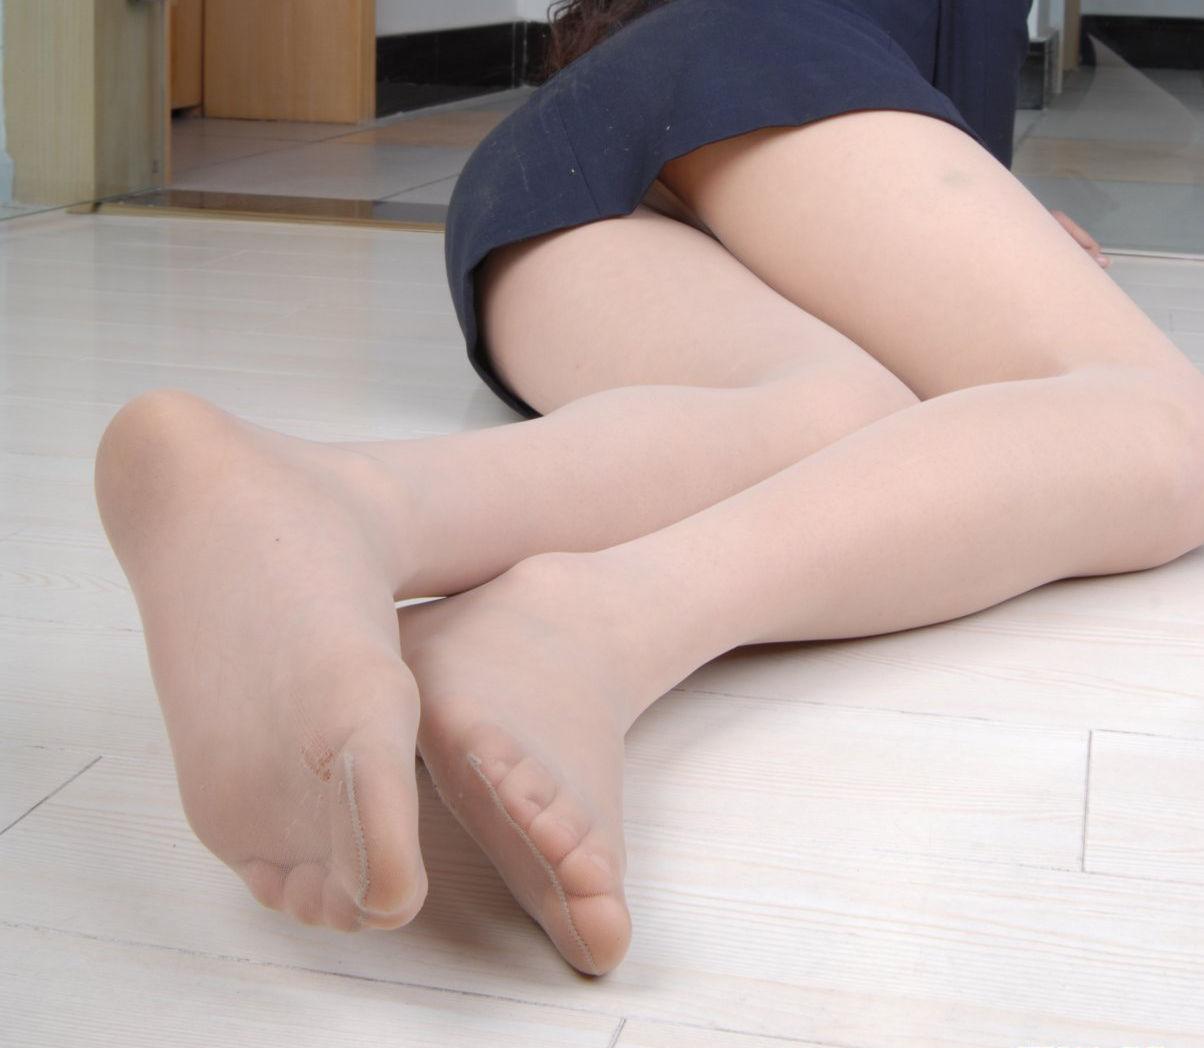 【足裏エロ画像】どんな美女のでもまずは洗ってからw舐めてみたい女の足裏www 05